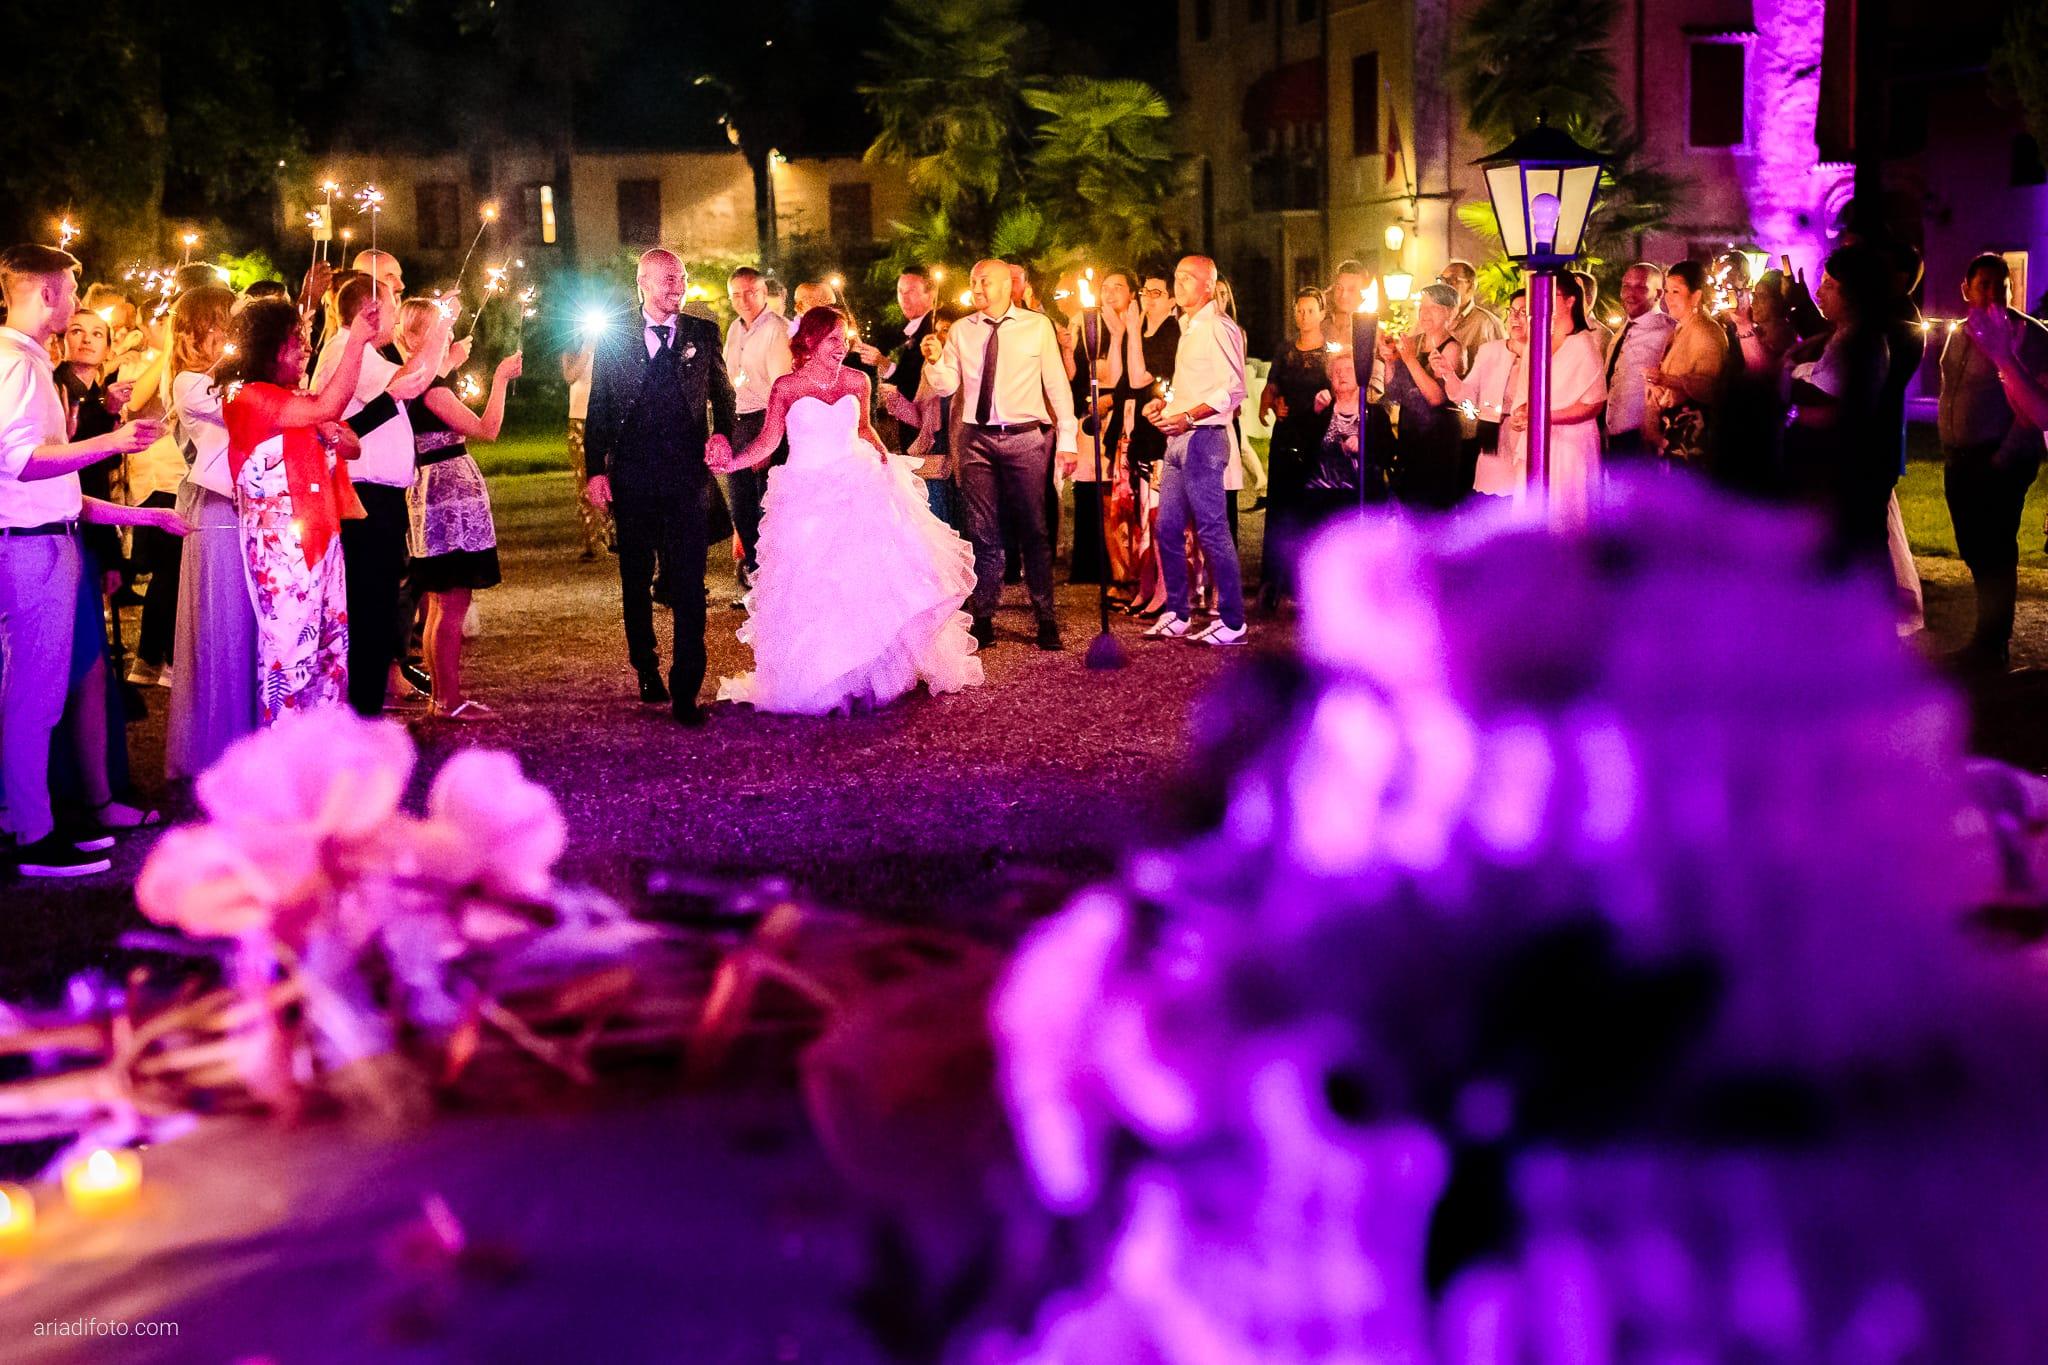 Alice Paolo Matrimonio San Giorgio Villa Iachia Ruda Udine ricevimento torta notte